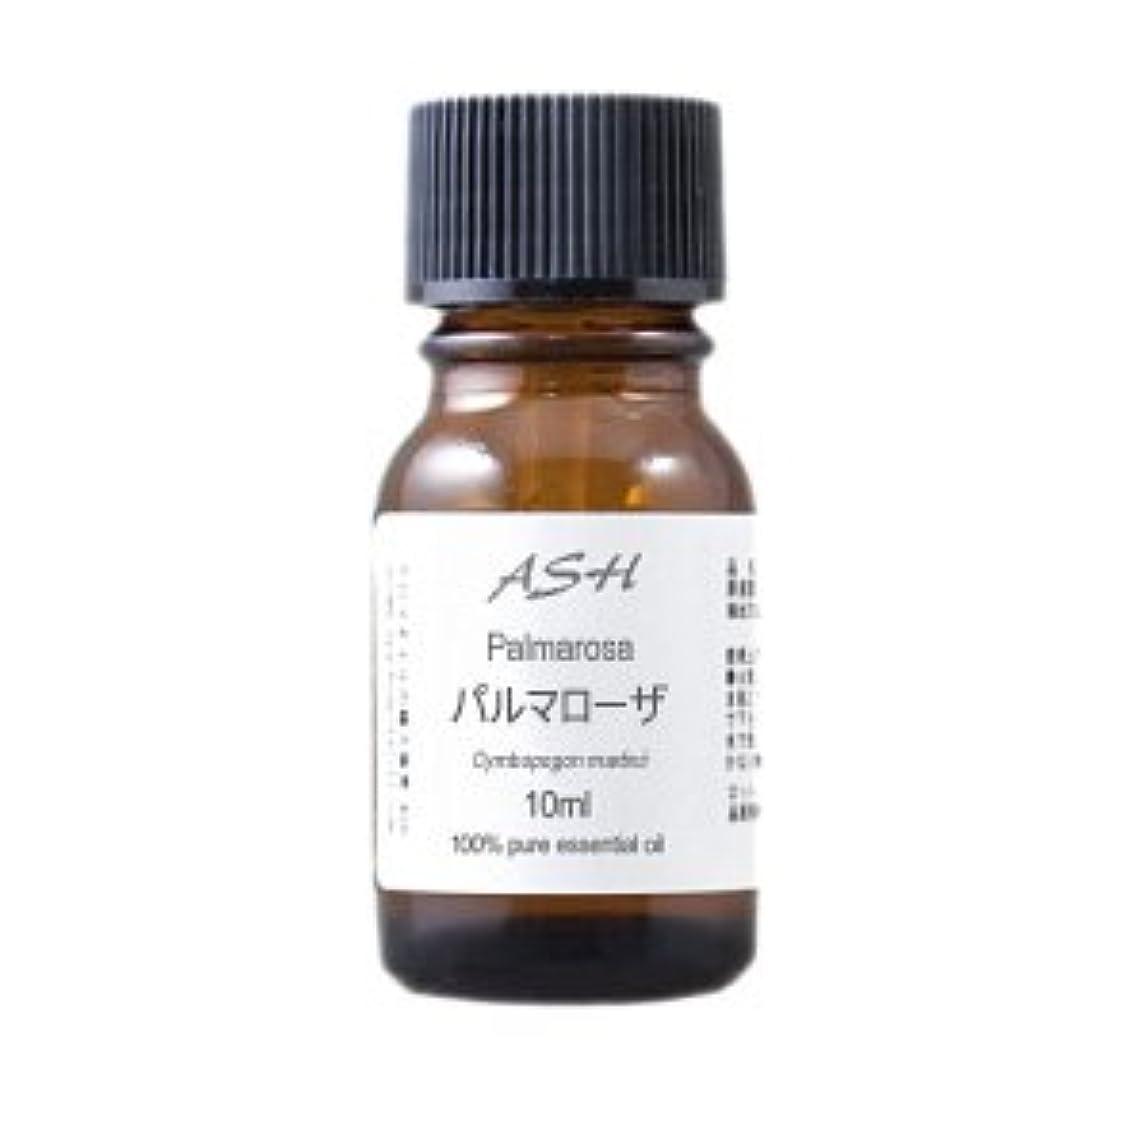 作動する世界的にバリーASH パルマローザ エッセンシャルオイル 10ml AEAJ表示基準適合認定精油